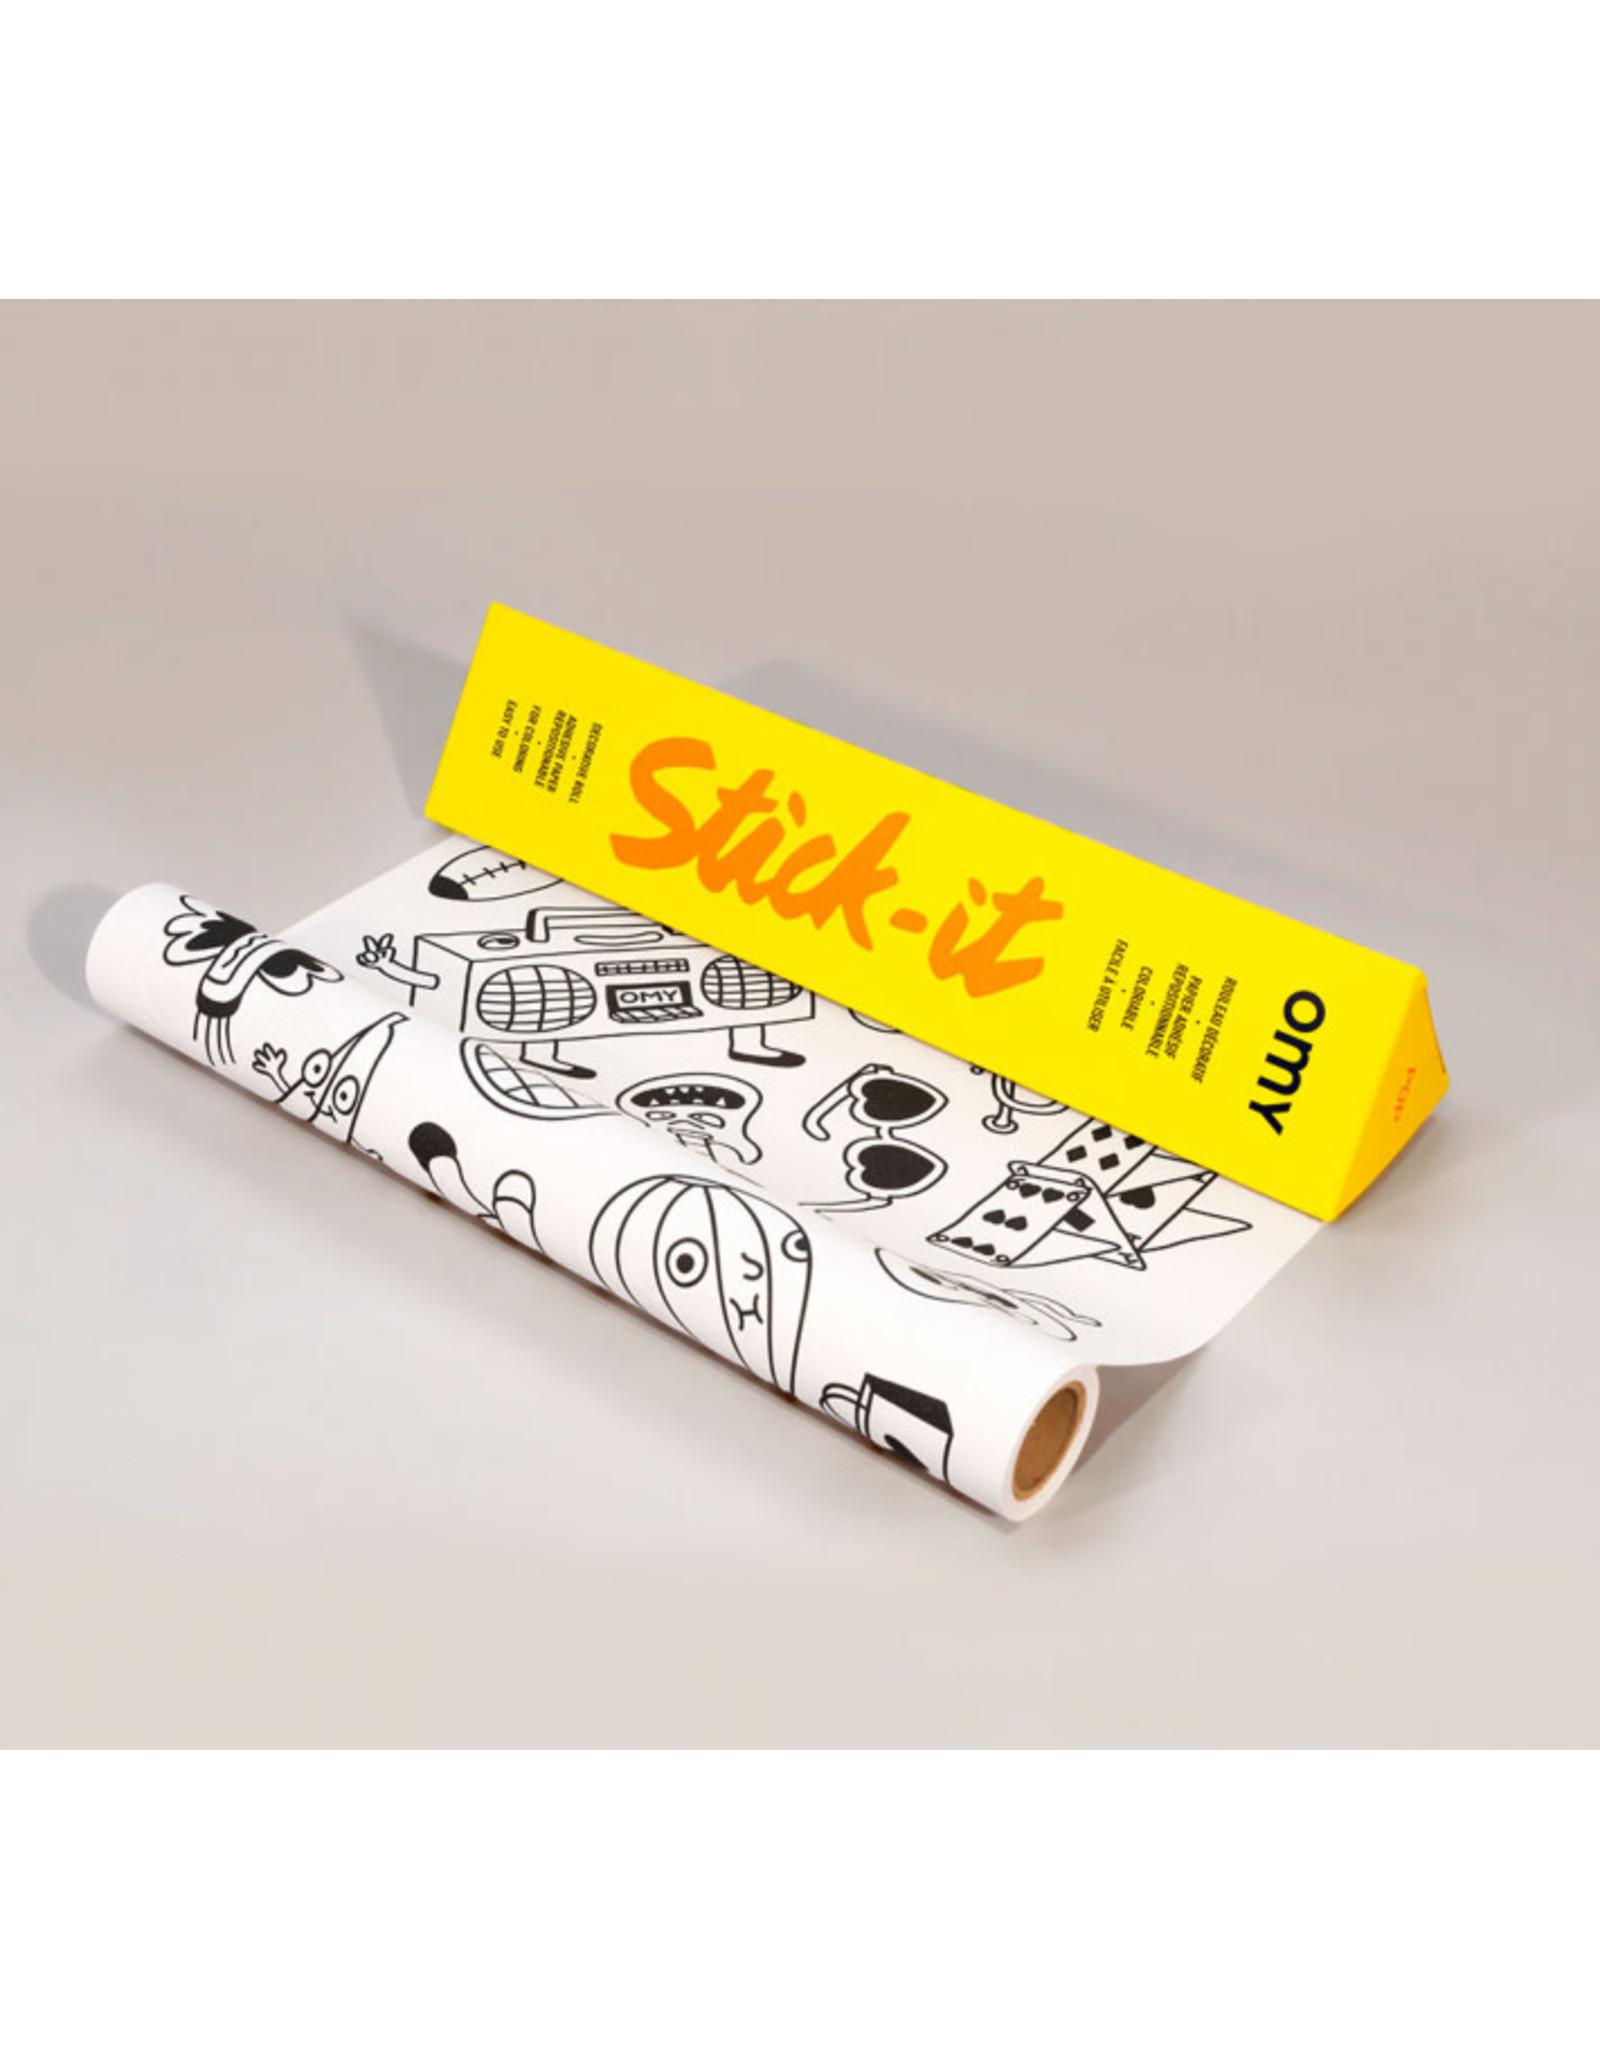 OMY Pop stick-it